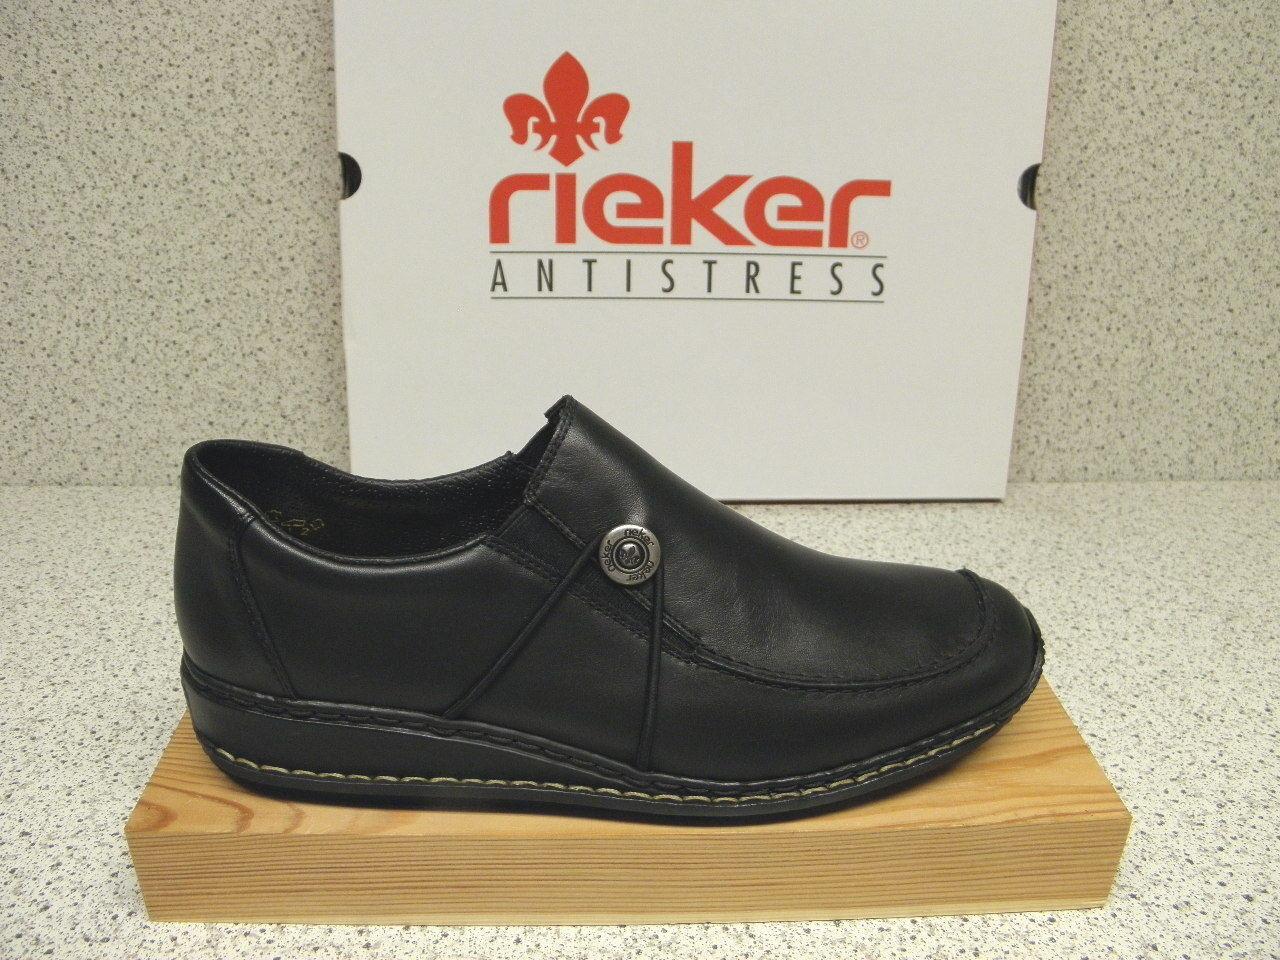 Rieker ® réduit, sale, noir, top prix + Gratuit Premium-Chaussettes (r296)